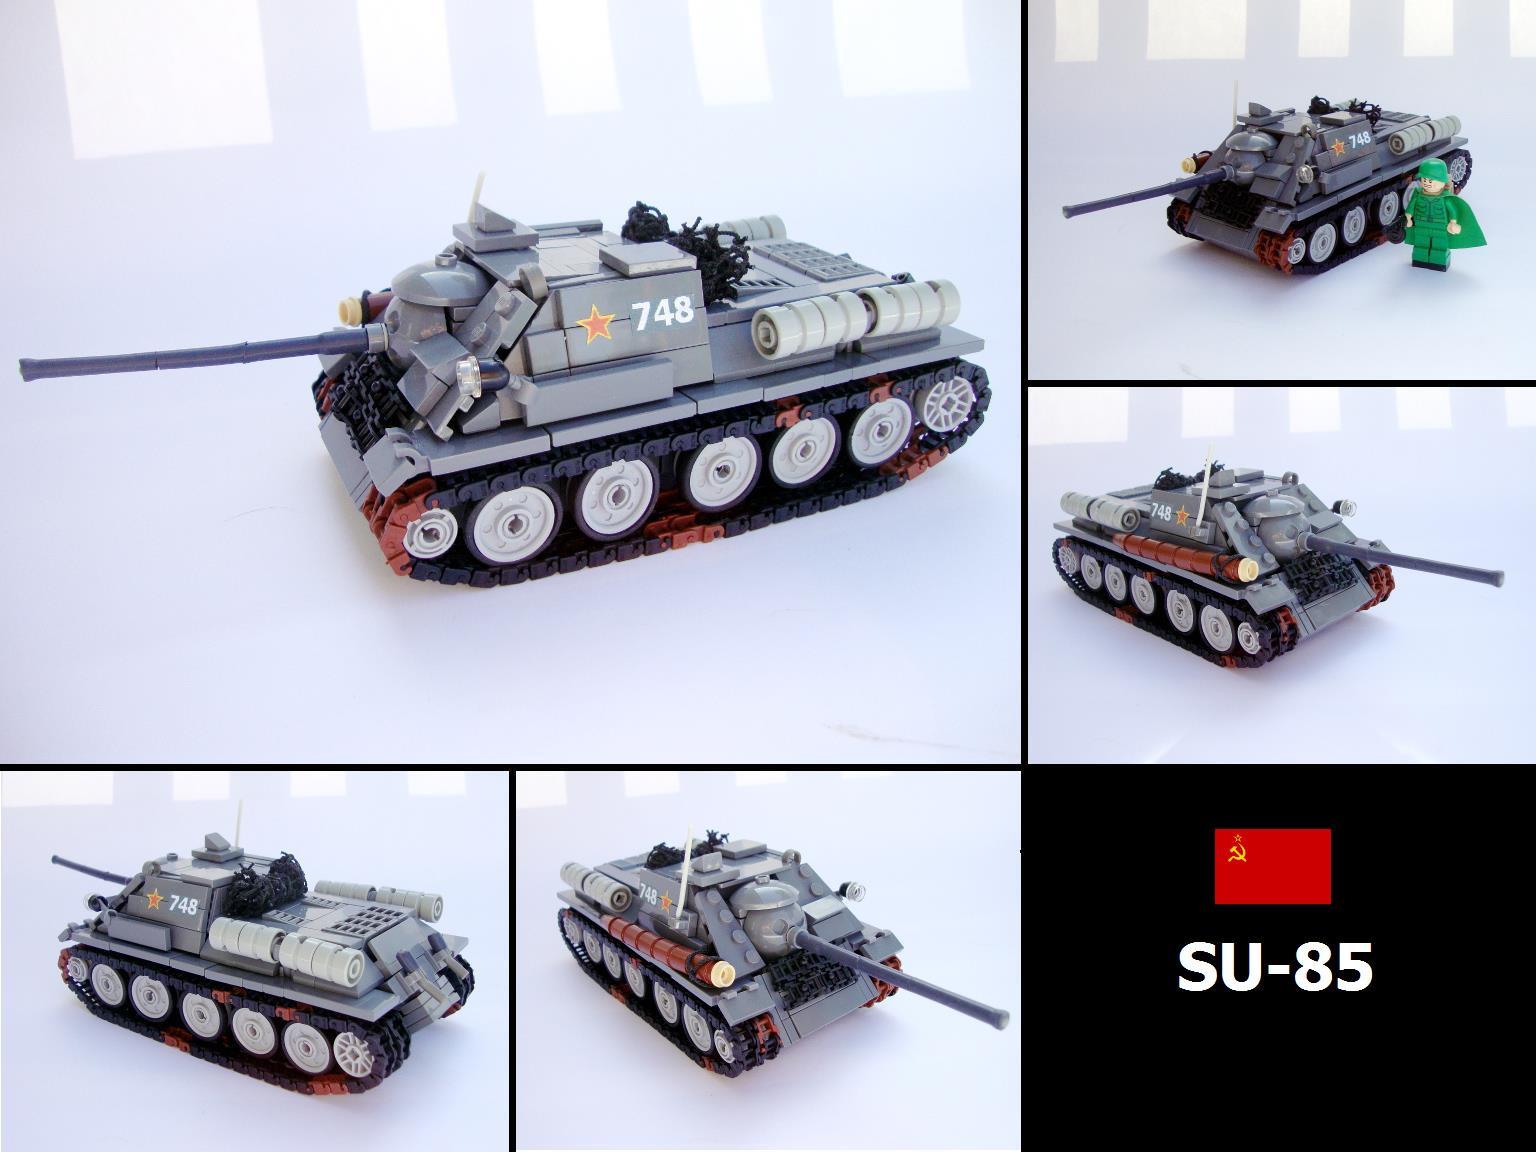 Hintergrundbilder : Welt, Rahmen, selbst, Krieg, Gewehr, Panzer ...